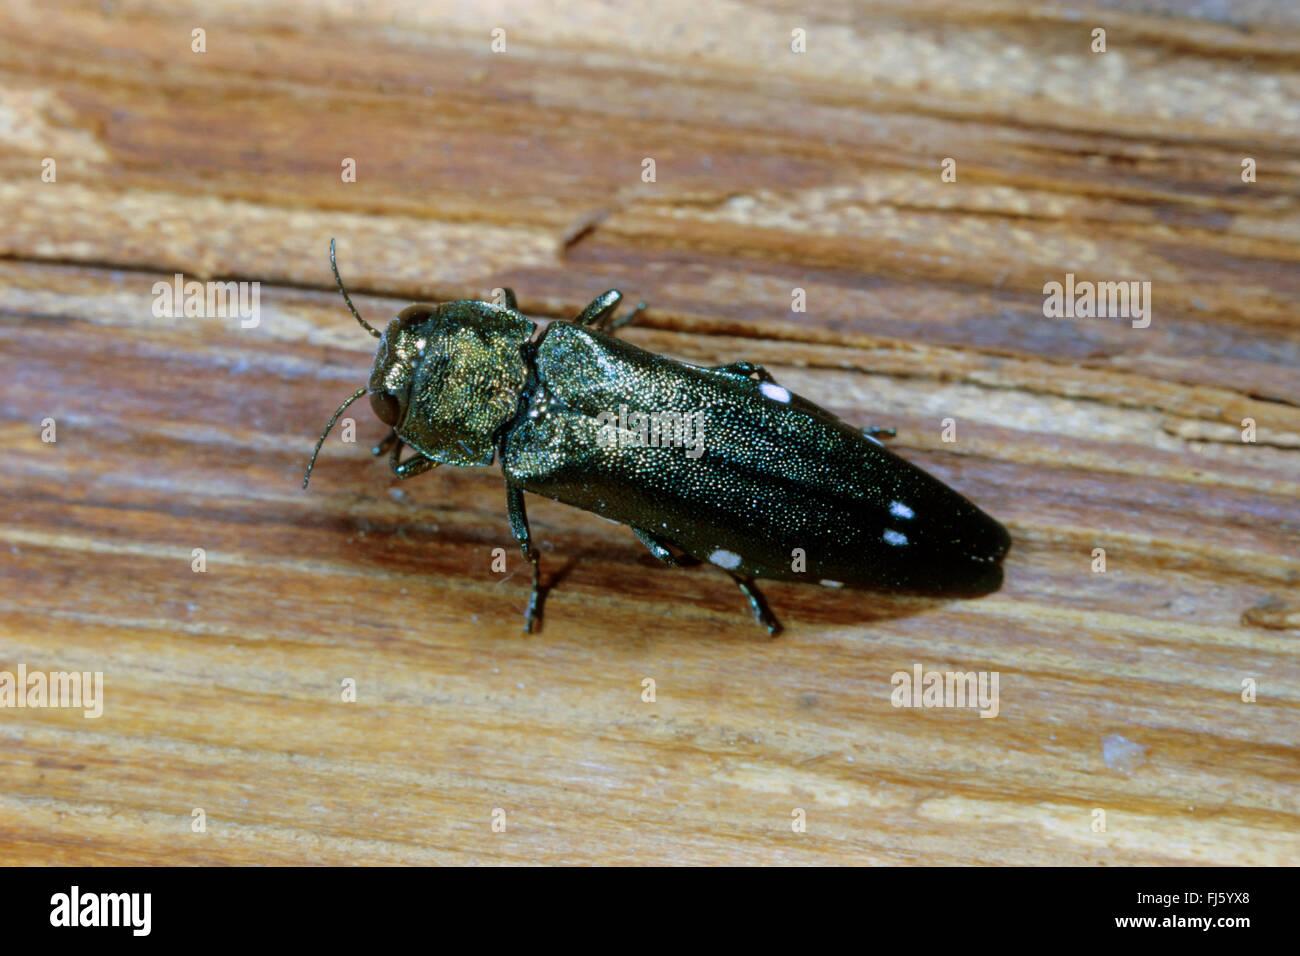 Oak splendor beetle, Oak splendour beetle, Two spotted oak buprestid (Agrilus biguttatus), on wood, Germany Stock Photo